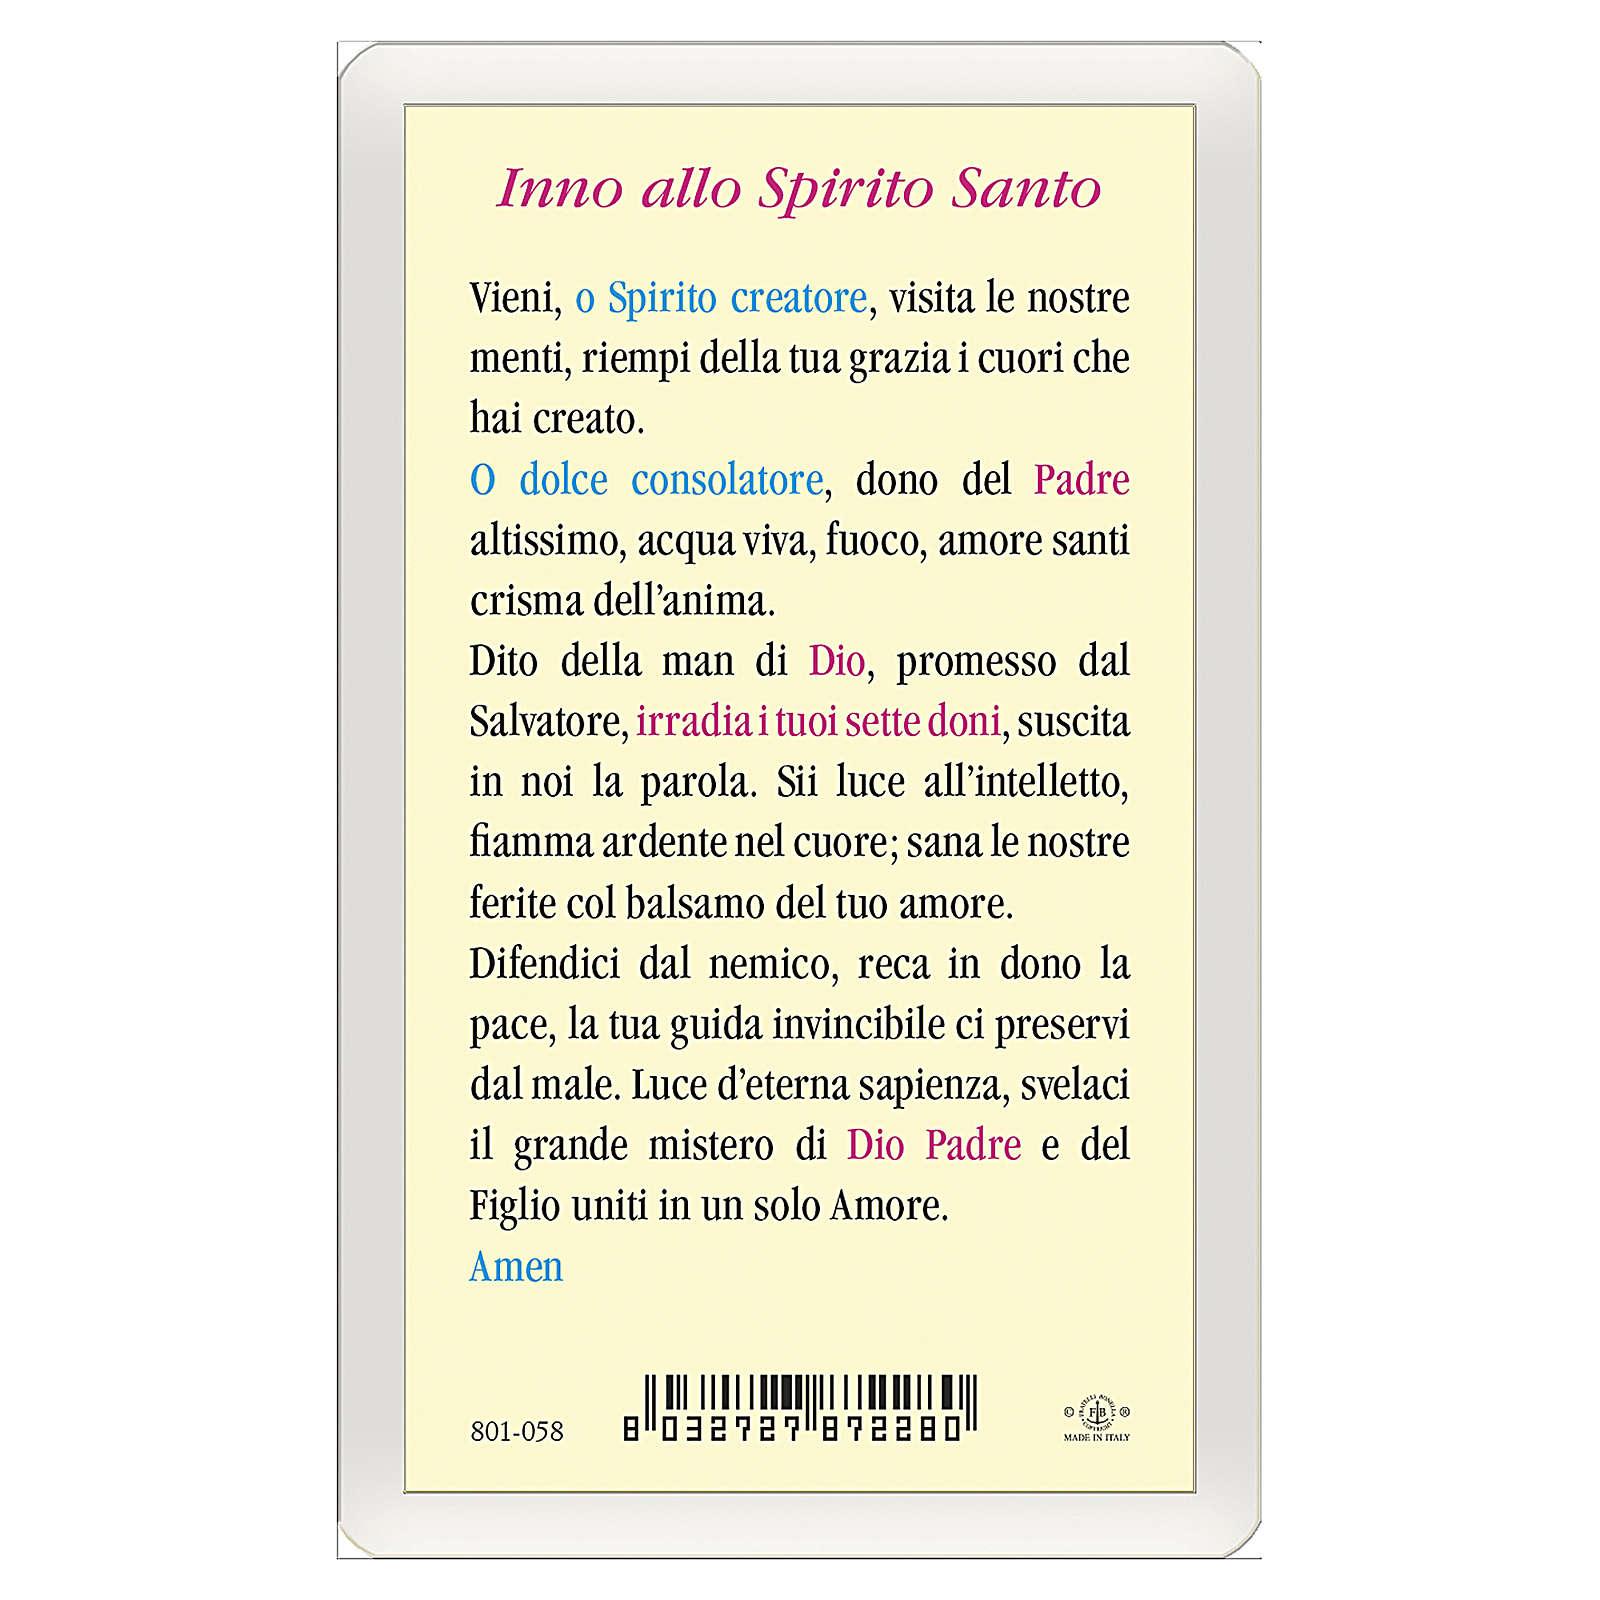 Santino Inno allo Spirito Santo ITA 10x5 4